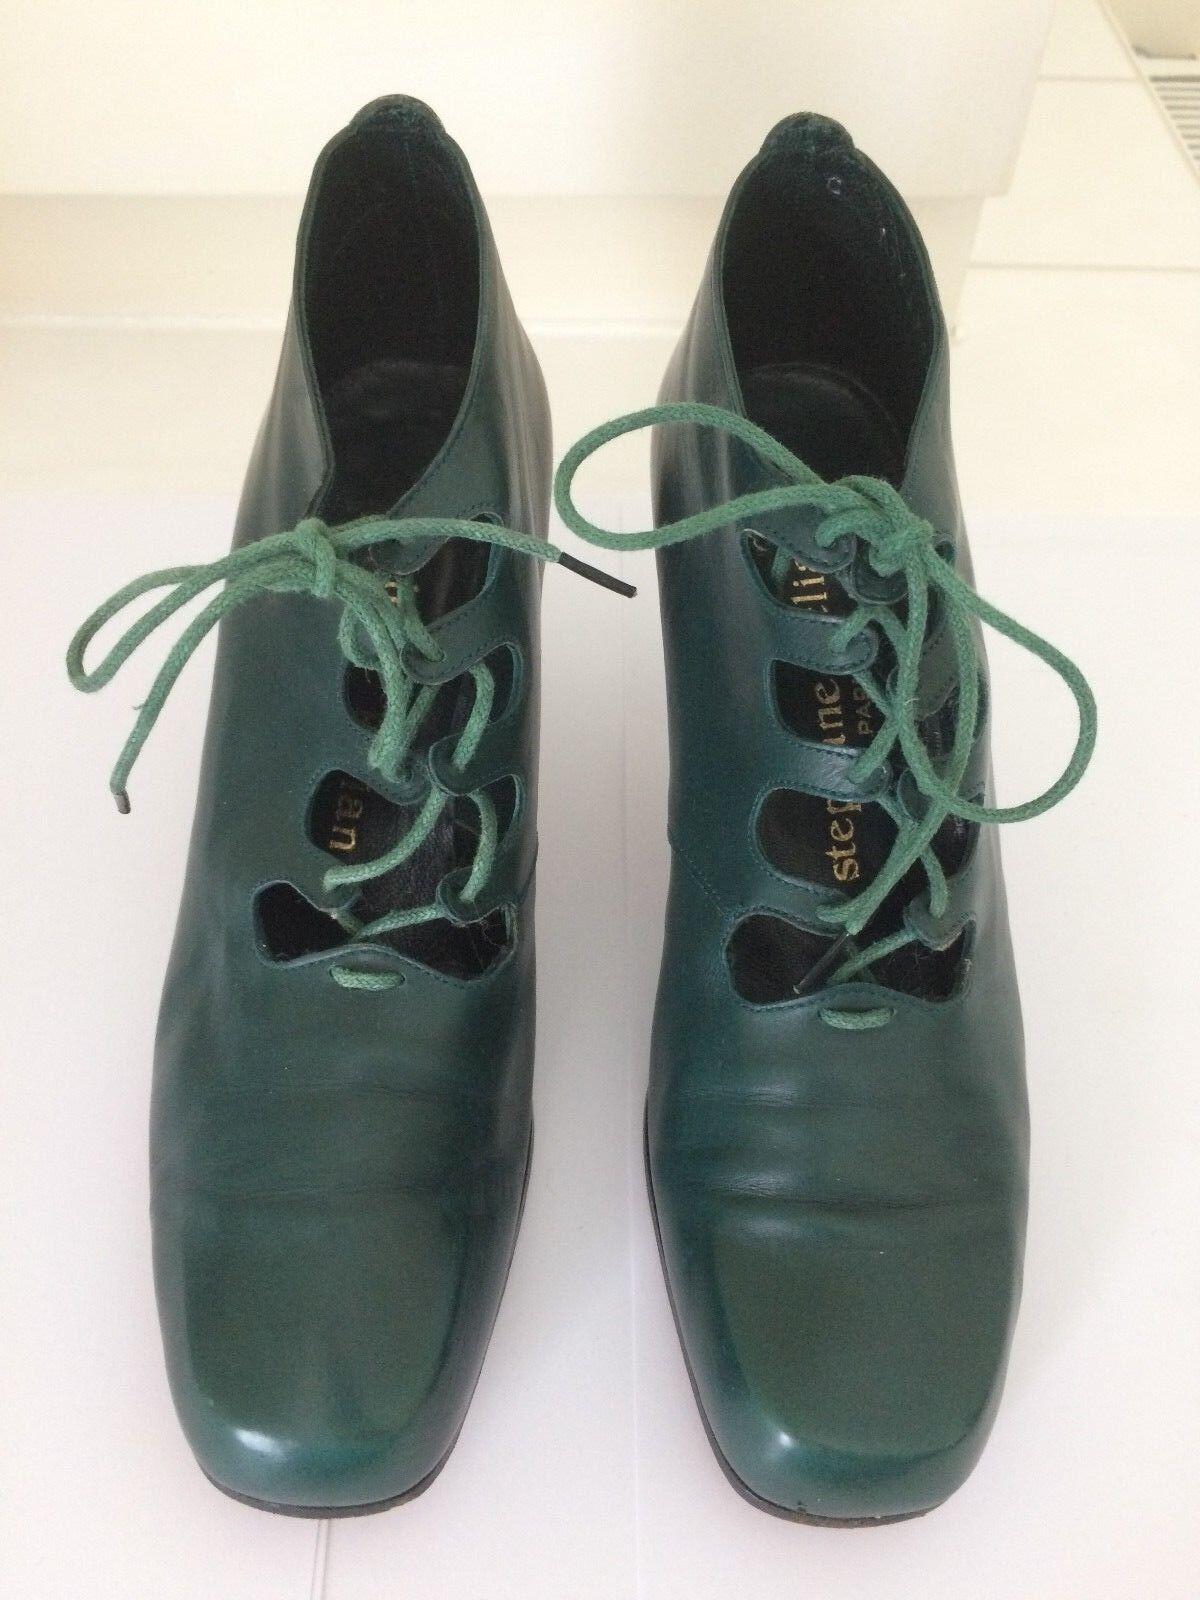 Stephane Leather Kélian Green Leather Stephane Shoes size 37,5 () 51ac3f